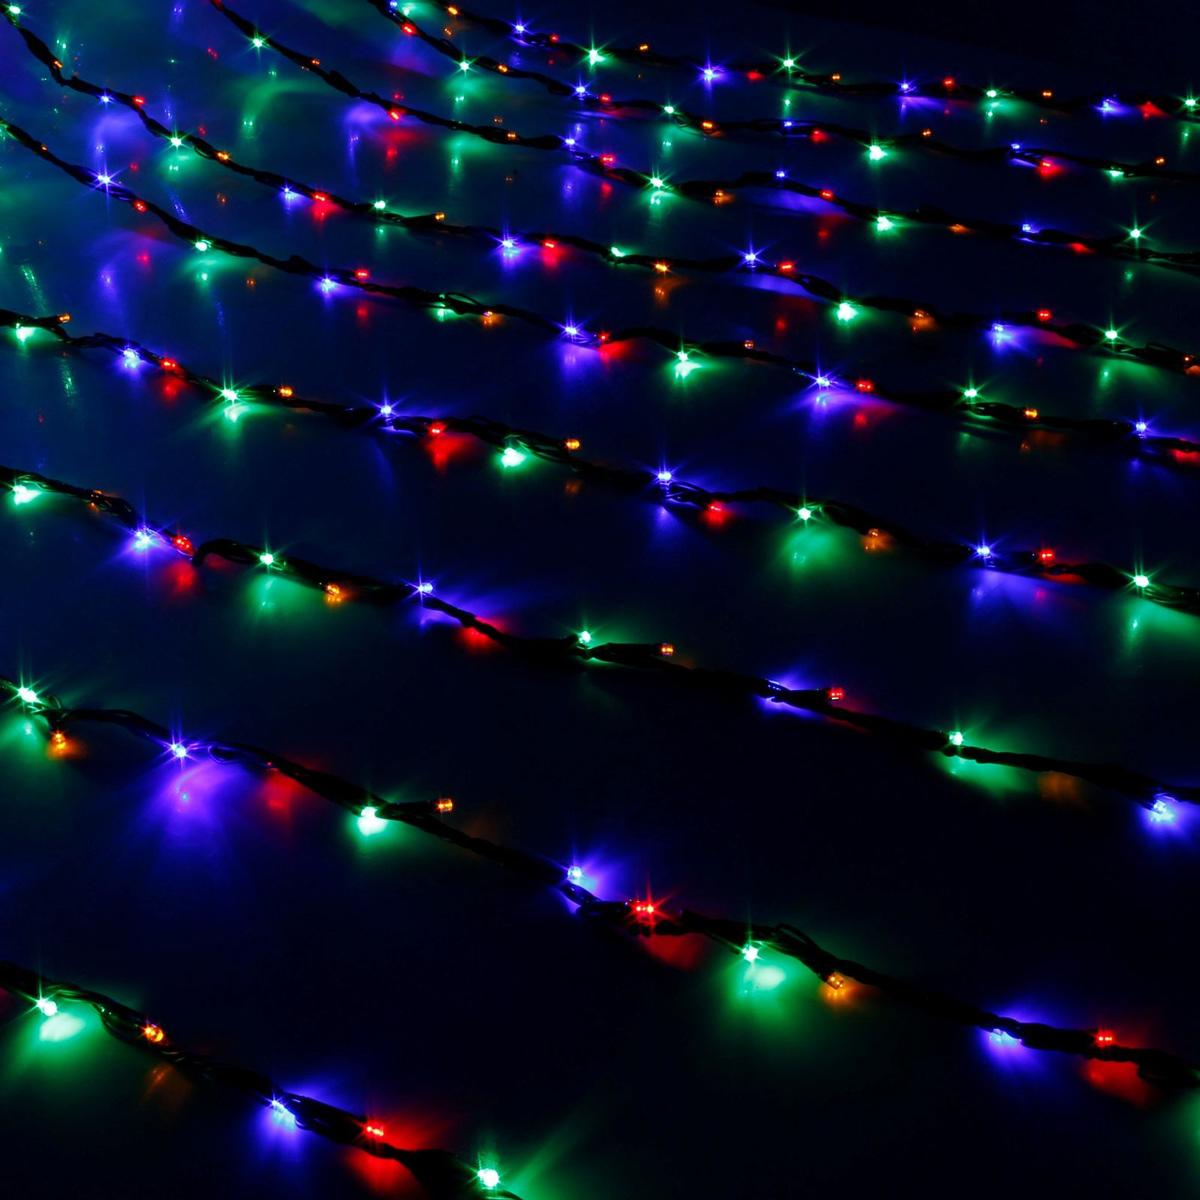 Гирлянда светодиодная Luazon Дождь, уличная, 800 ламп, 220 V, цвет: мультиколор, 2 х 3 м. 187323 гирлянда светодиодная luazon дождь уличная 8 режимов 400 ламп 220 v цвет мультиколор 2 х 1 5 м 671675